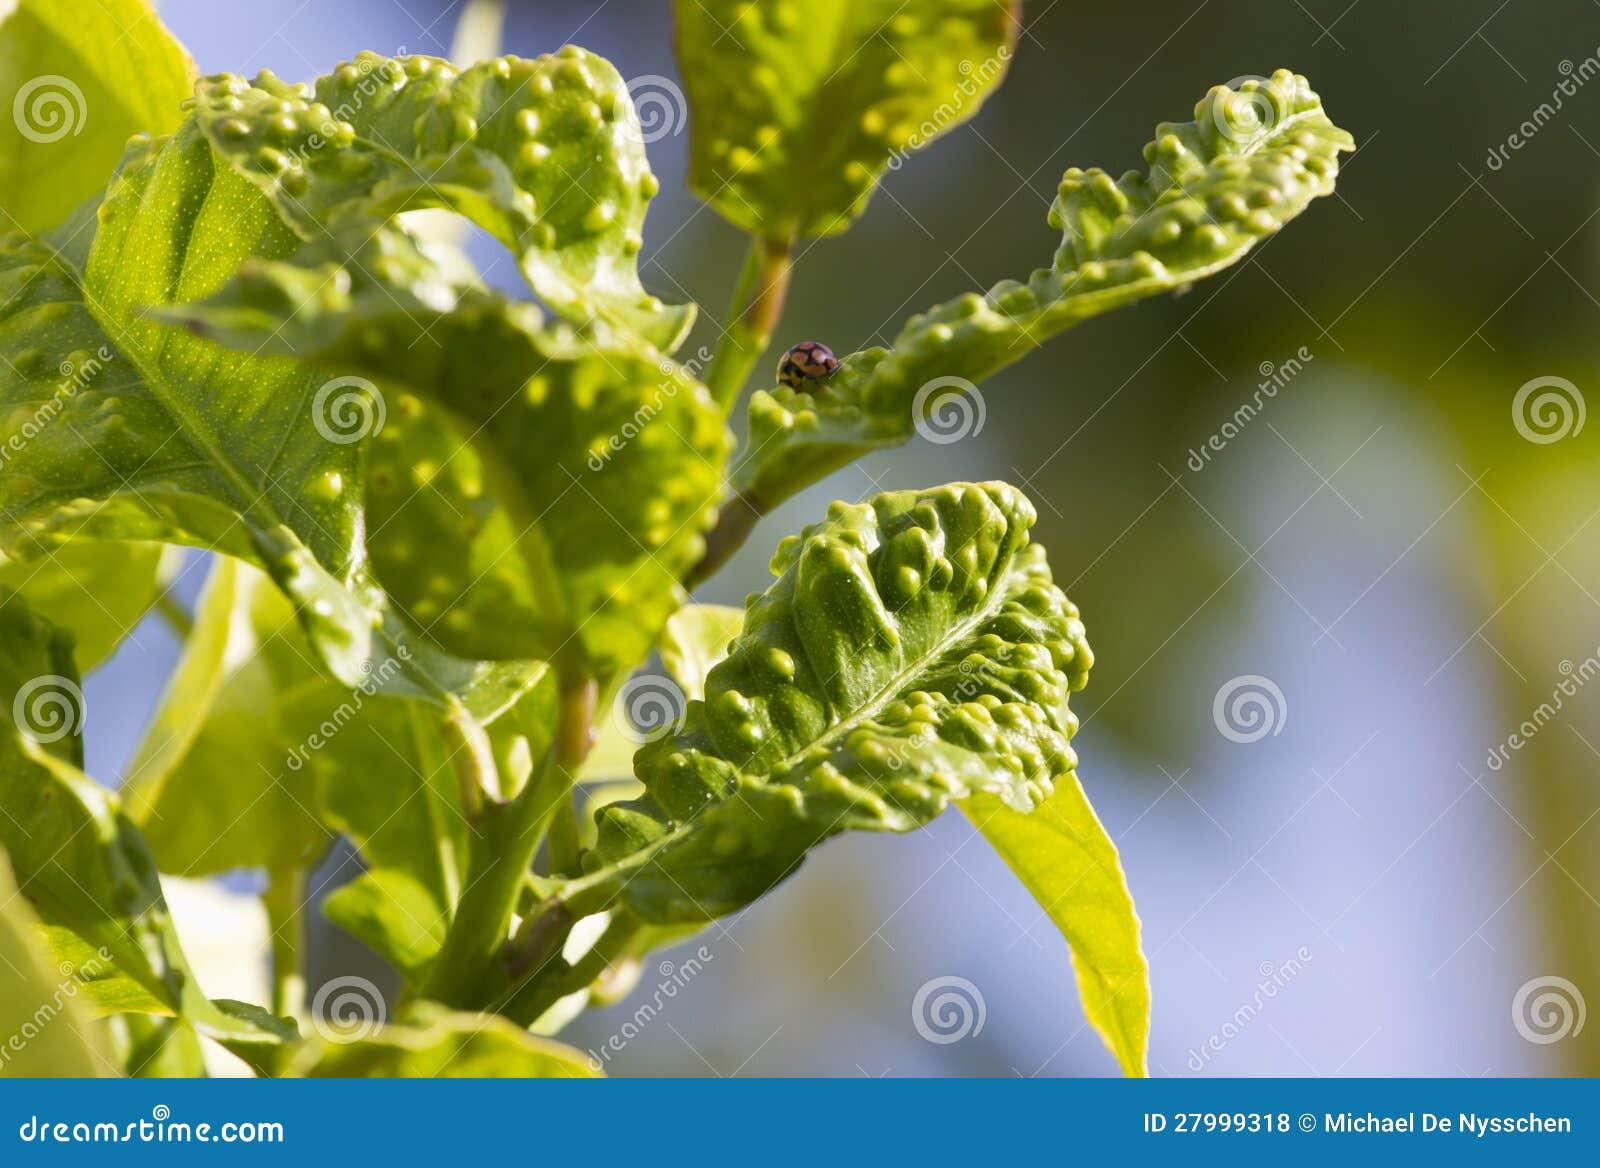 Malattia di psylla dell 39 agrume sulla foglia del limone for Malattie del limone